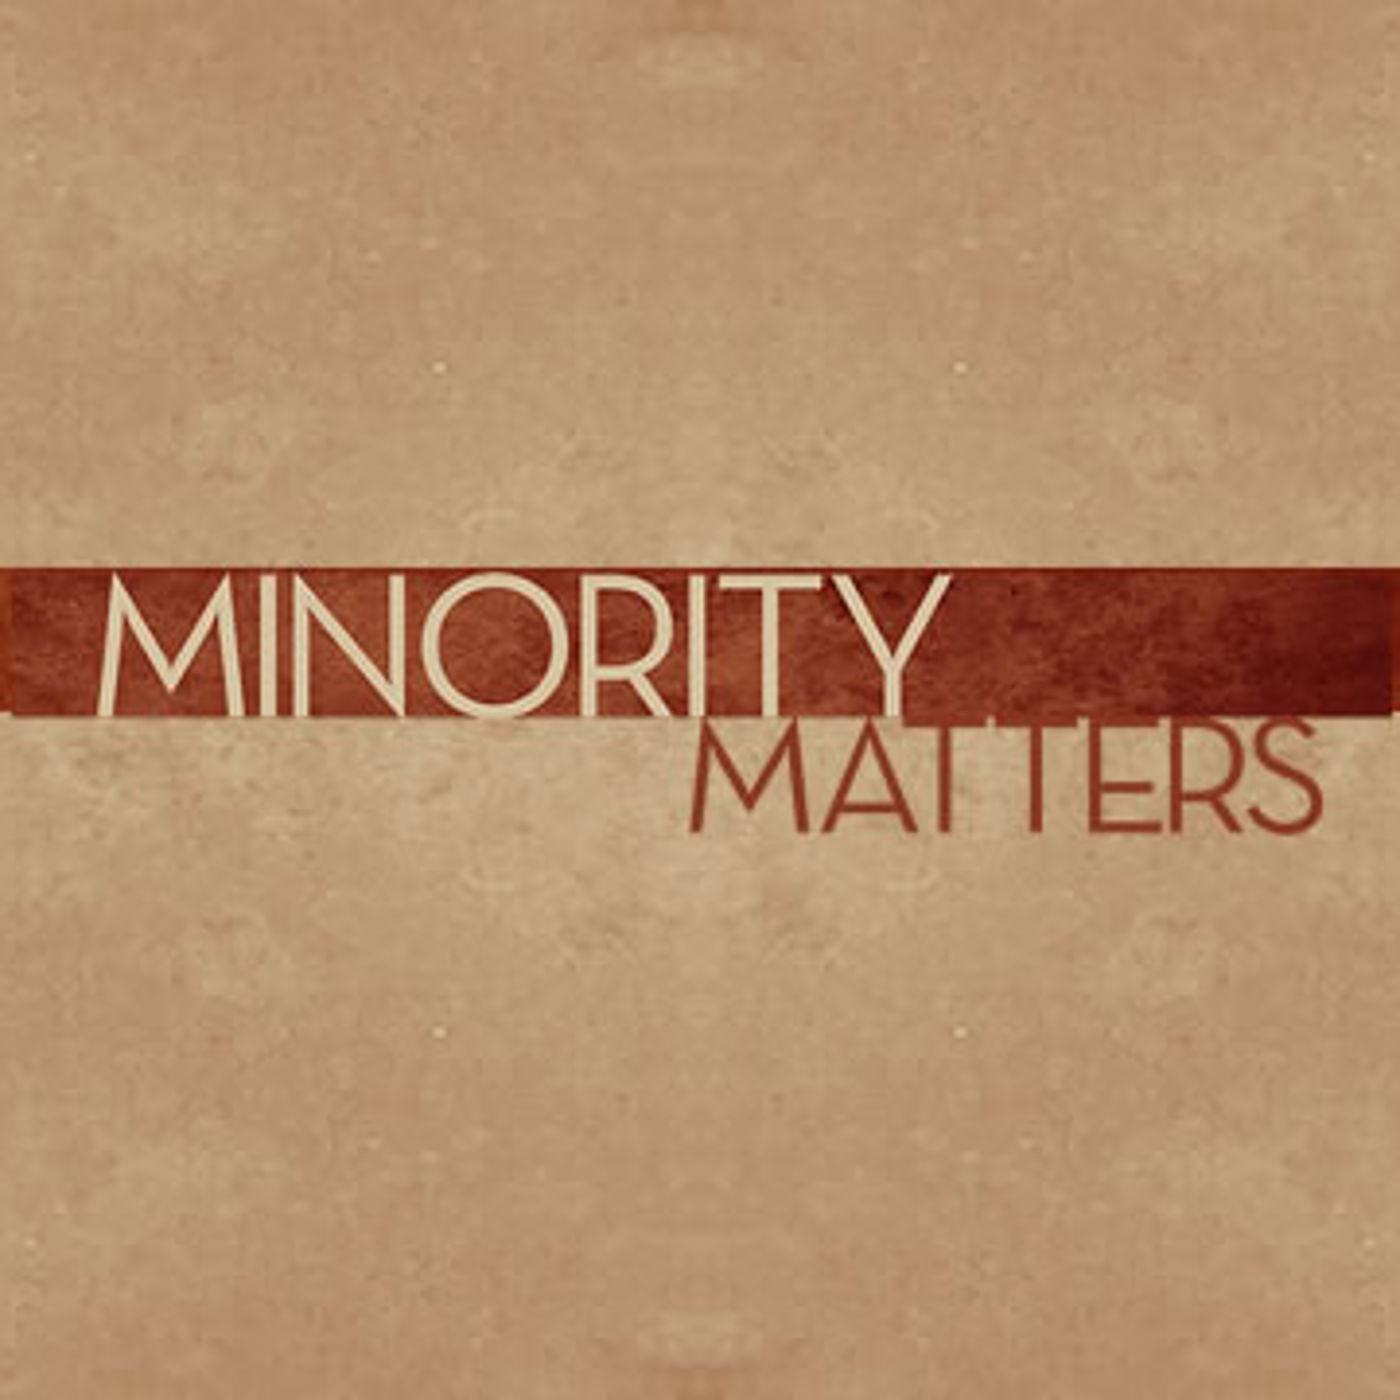 Minority Matters Graphic